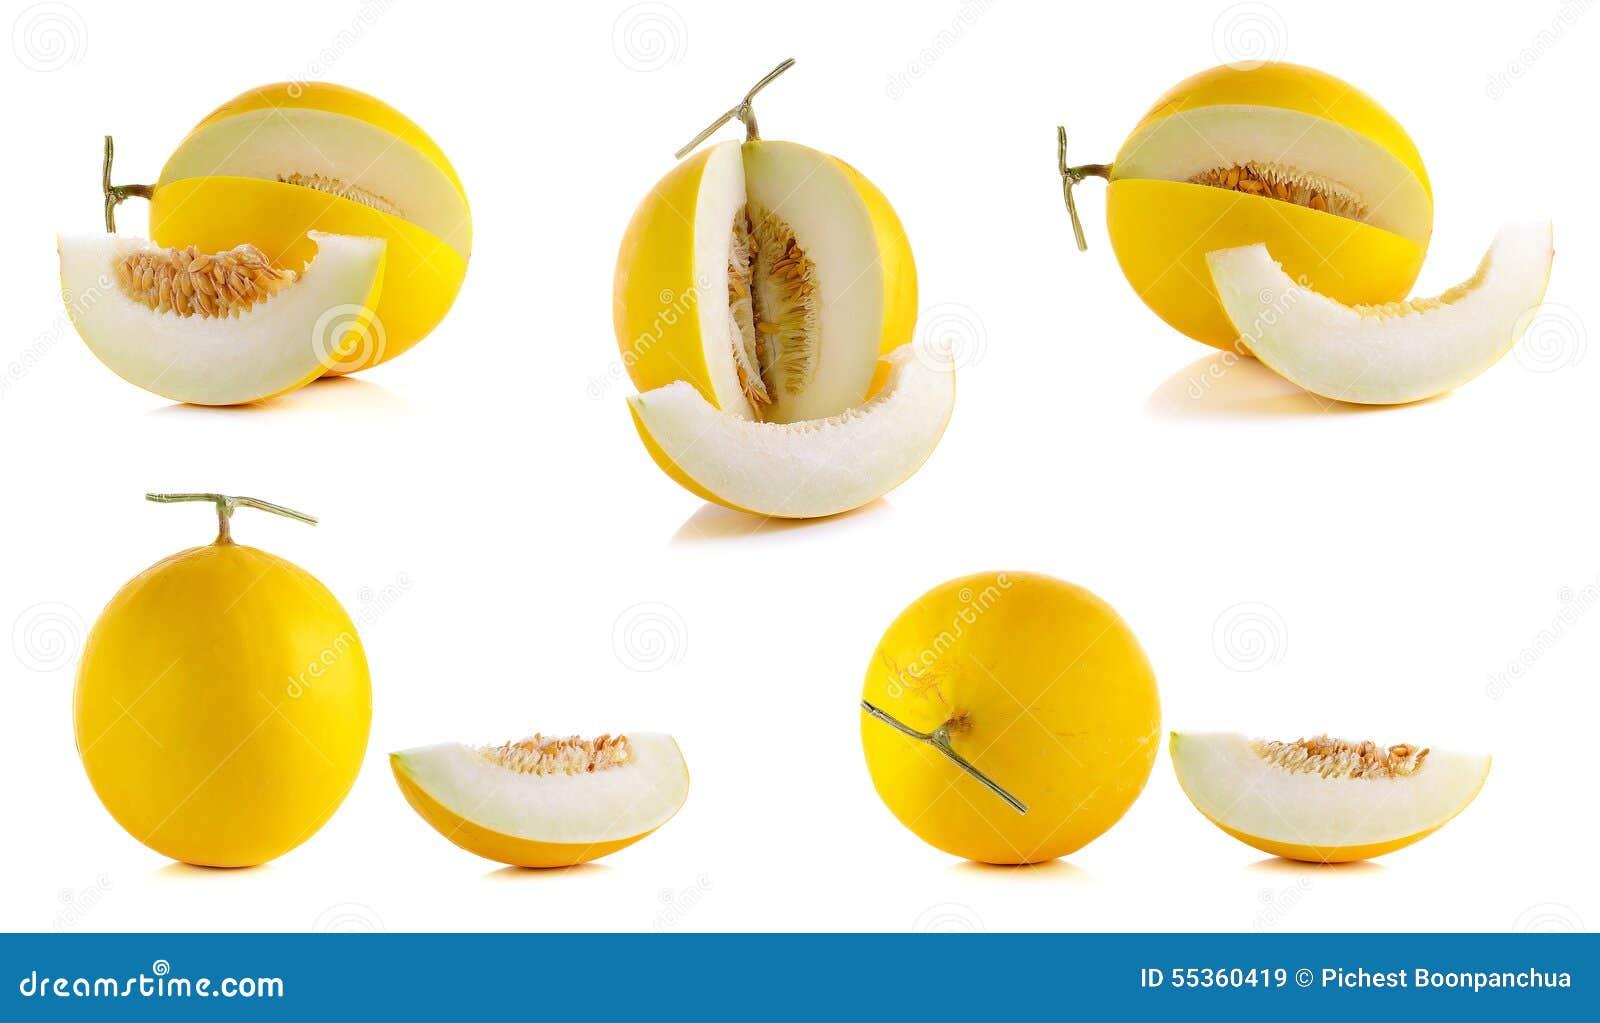 Cantalupo amarillo aislado en el fondo blanco